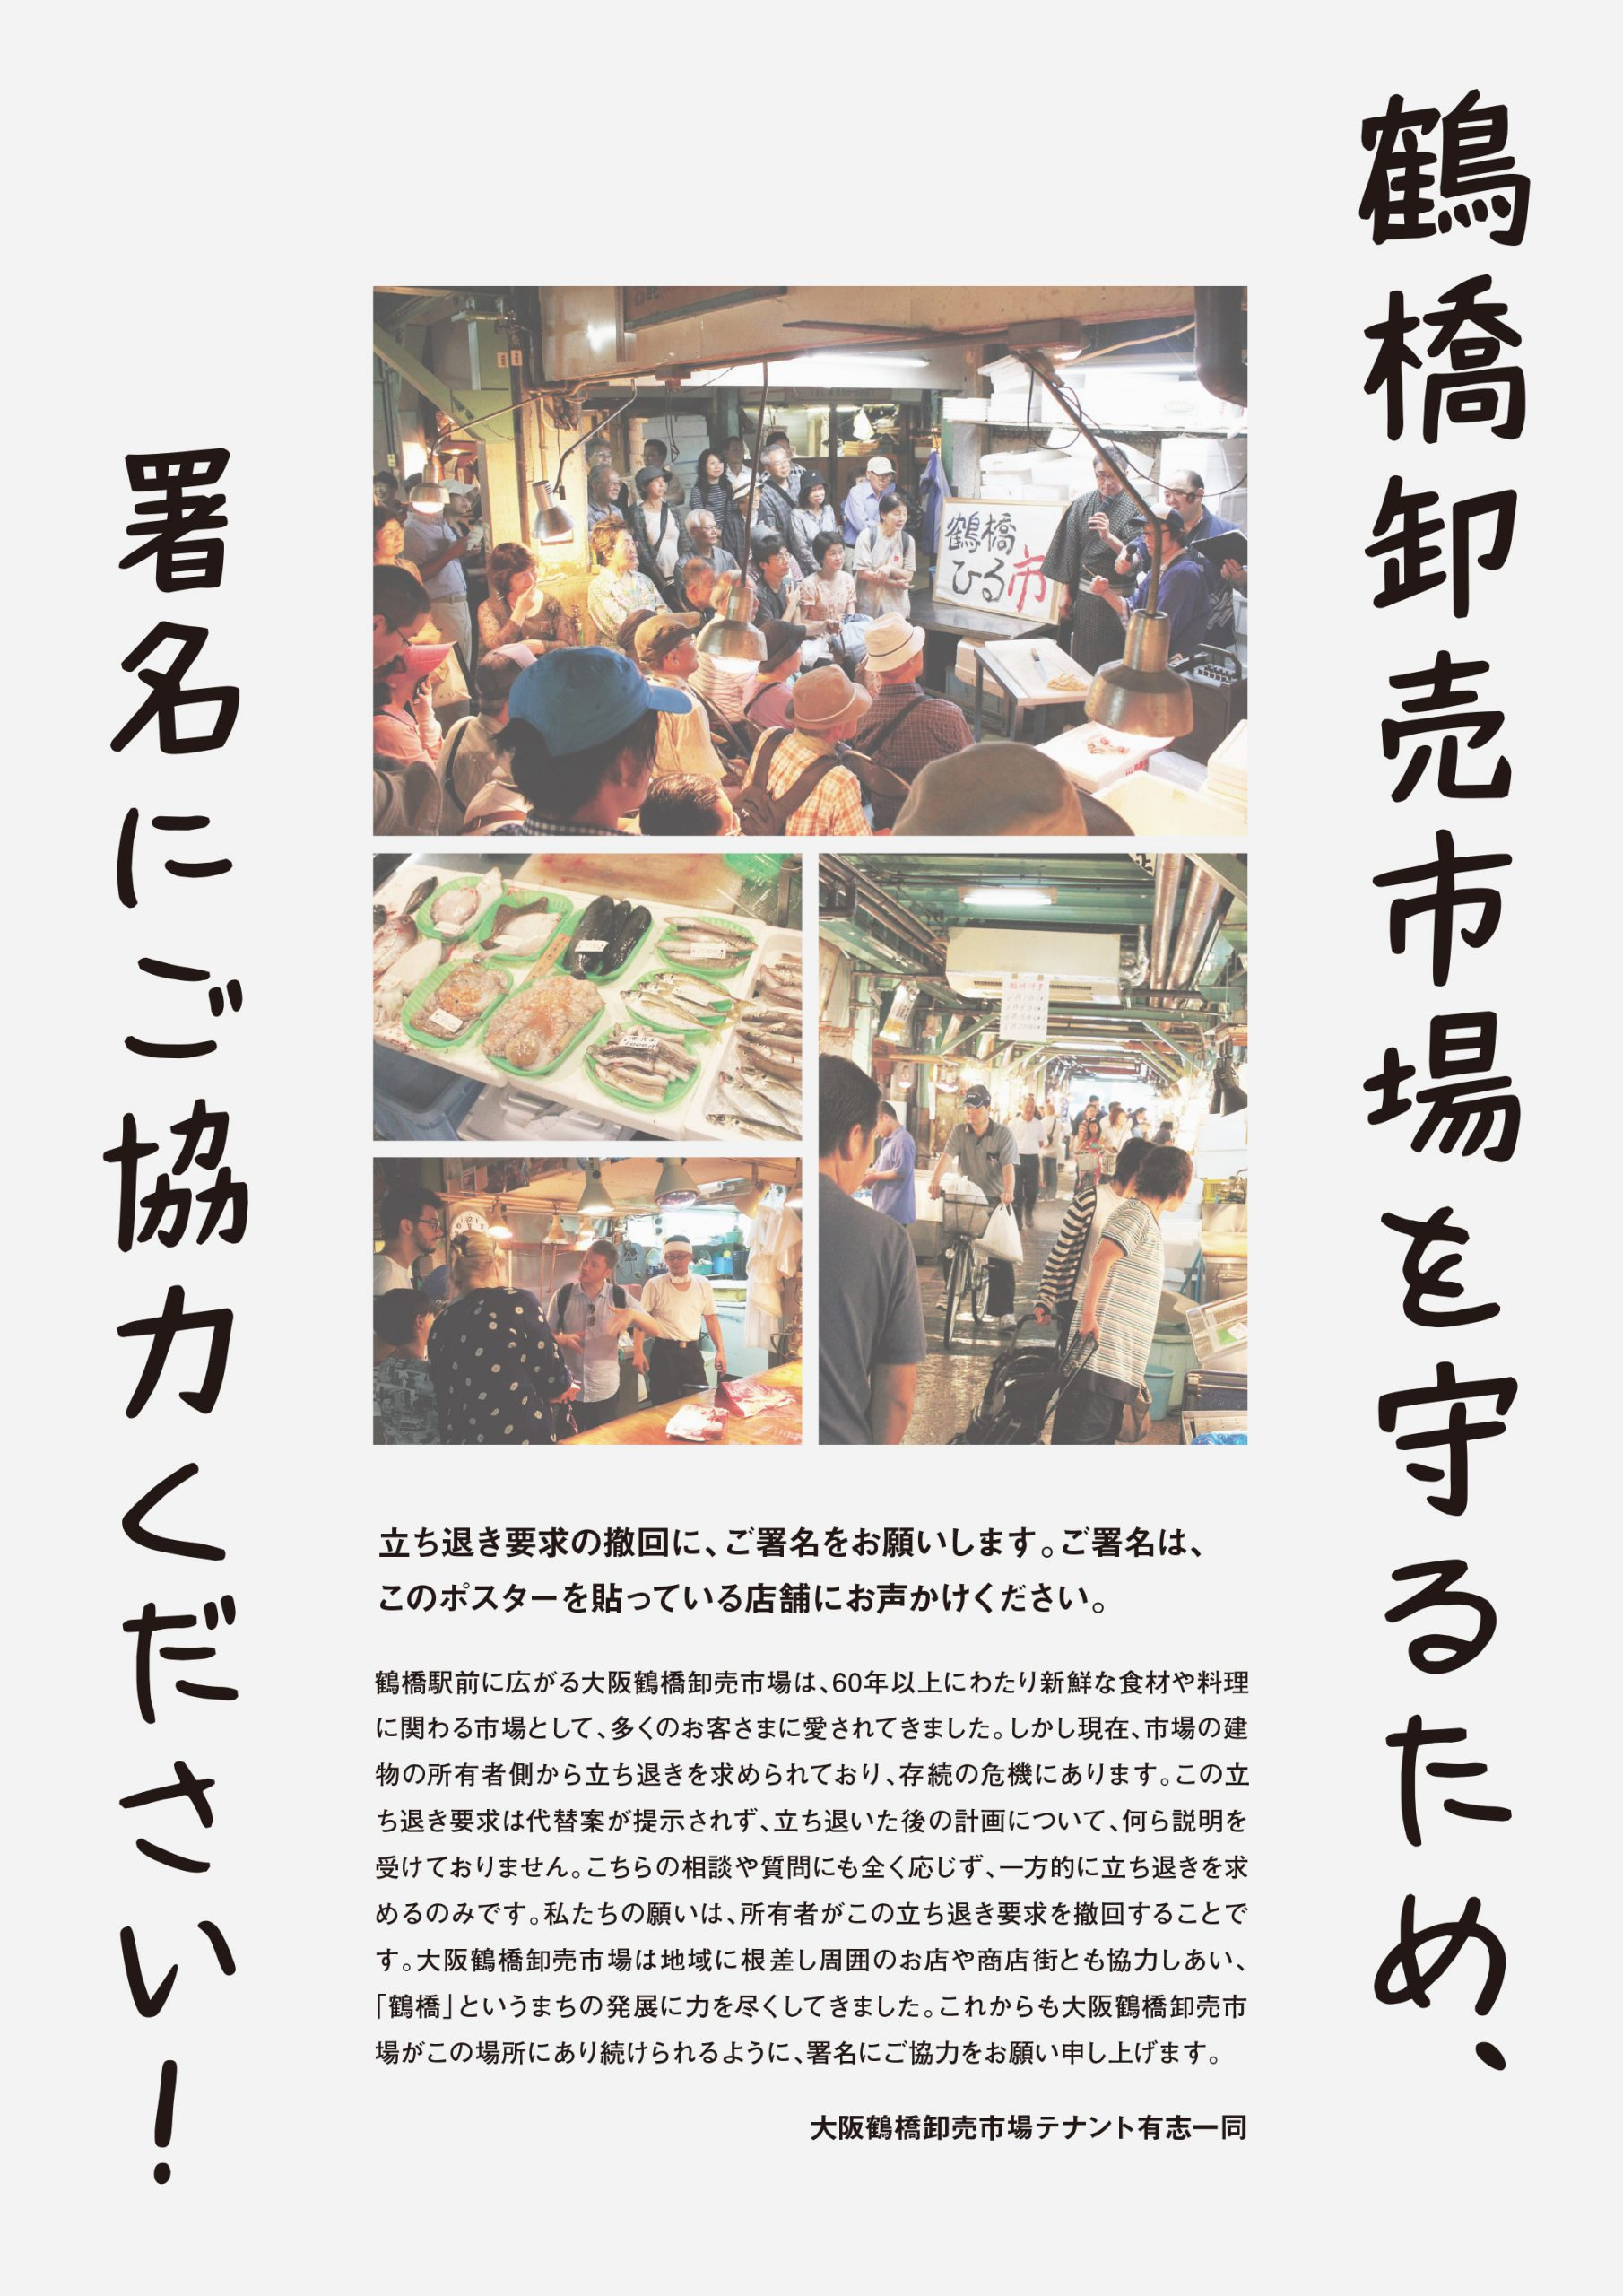 鶴橋卸売市場を守るための署名活動|2020.7 鶴橋鮮魚市場(大阪市生野区